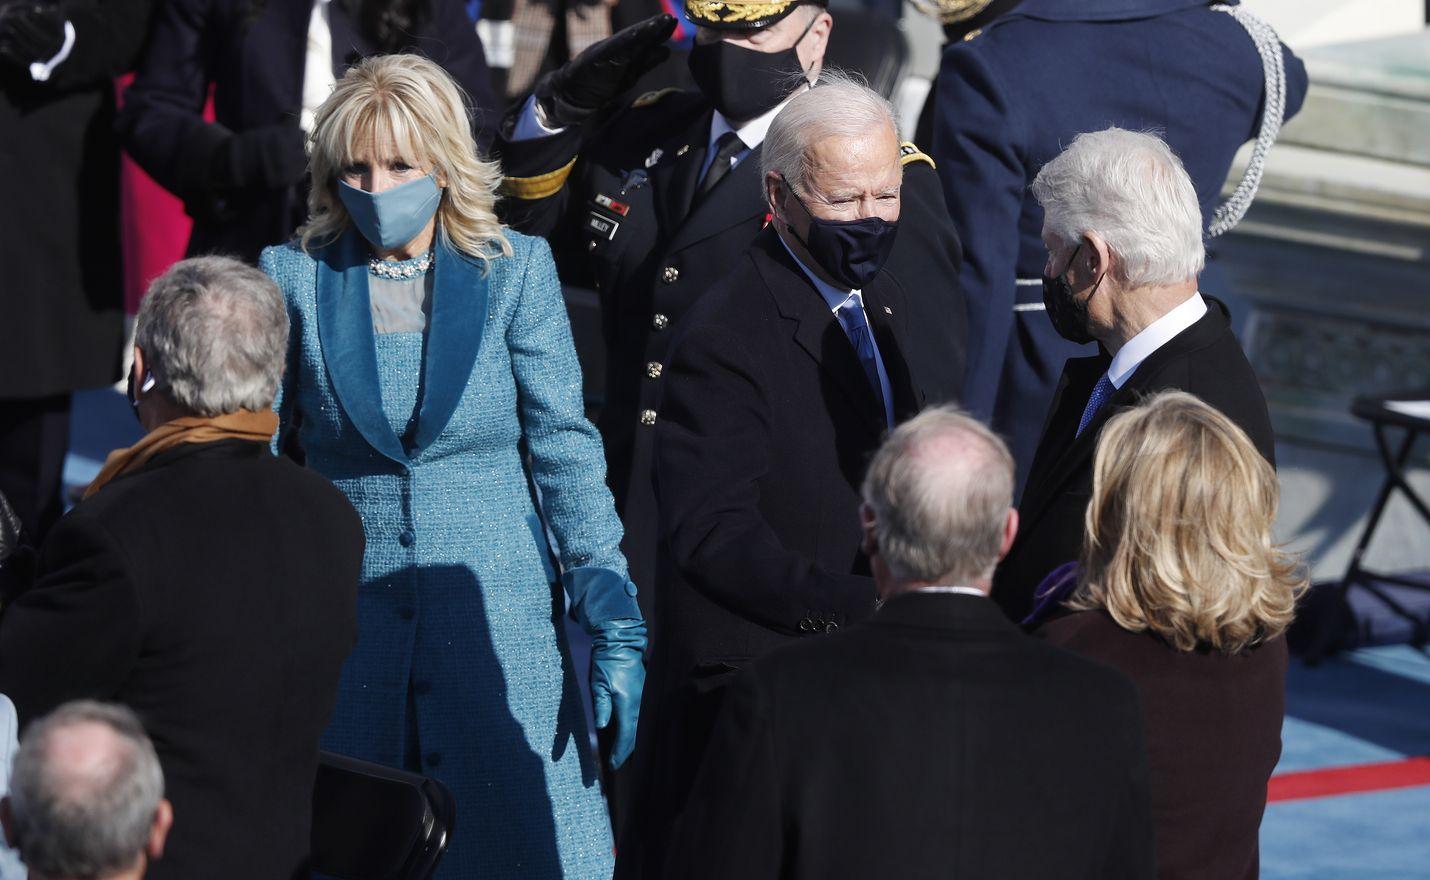 Yhdysvaltain entinen presidentti Bill Clinton onnitteli Joe Bidenia keskiviikkona kongressitalolla.